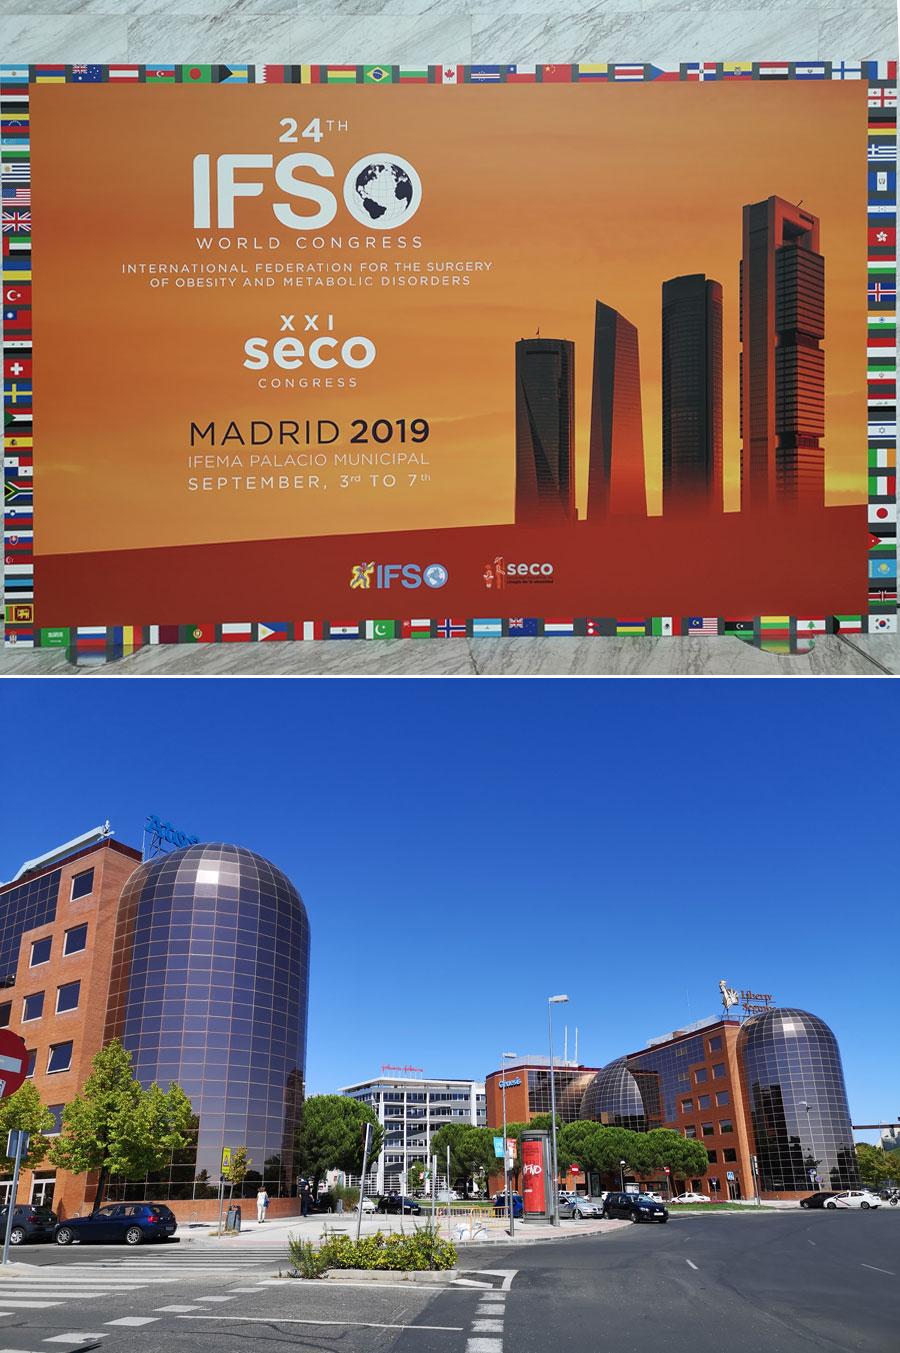 减严重年夜咖齐聚西班牙,2019年第24届国际瘦削与代谢病外科同盟世界大年夜会顺利召开